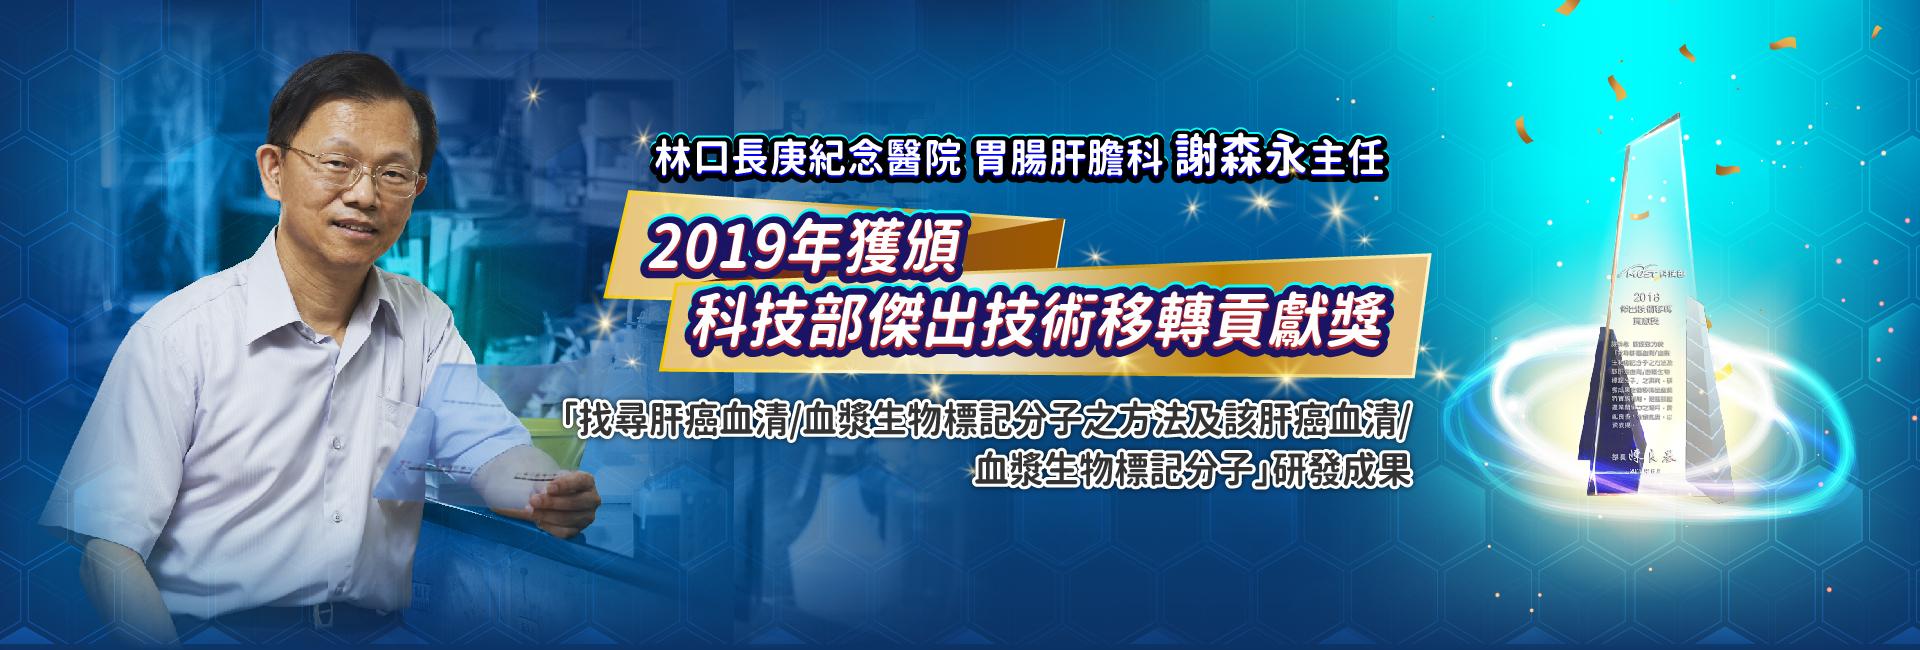 2018年傑出技術移轉貢獻獎得獎(林口)